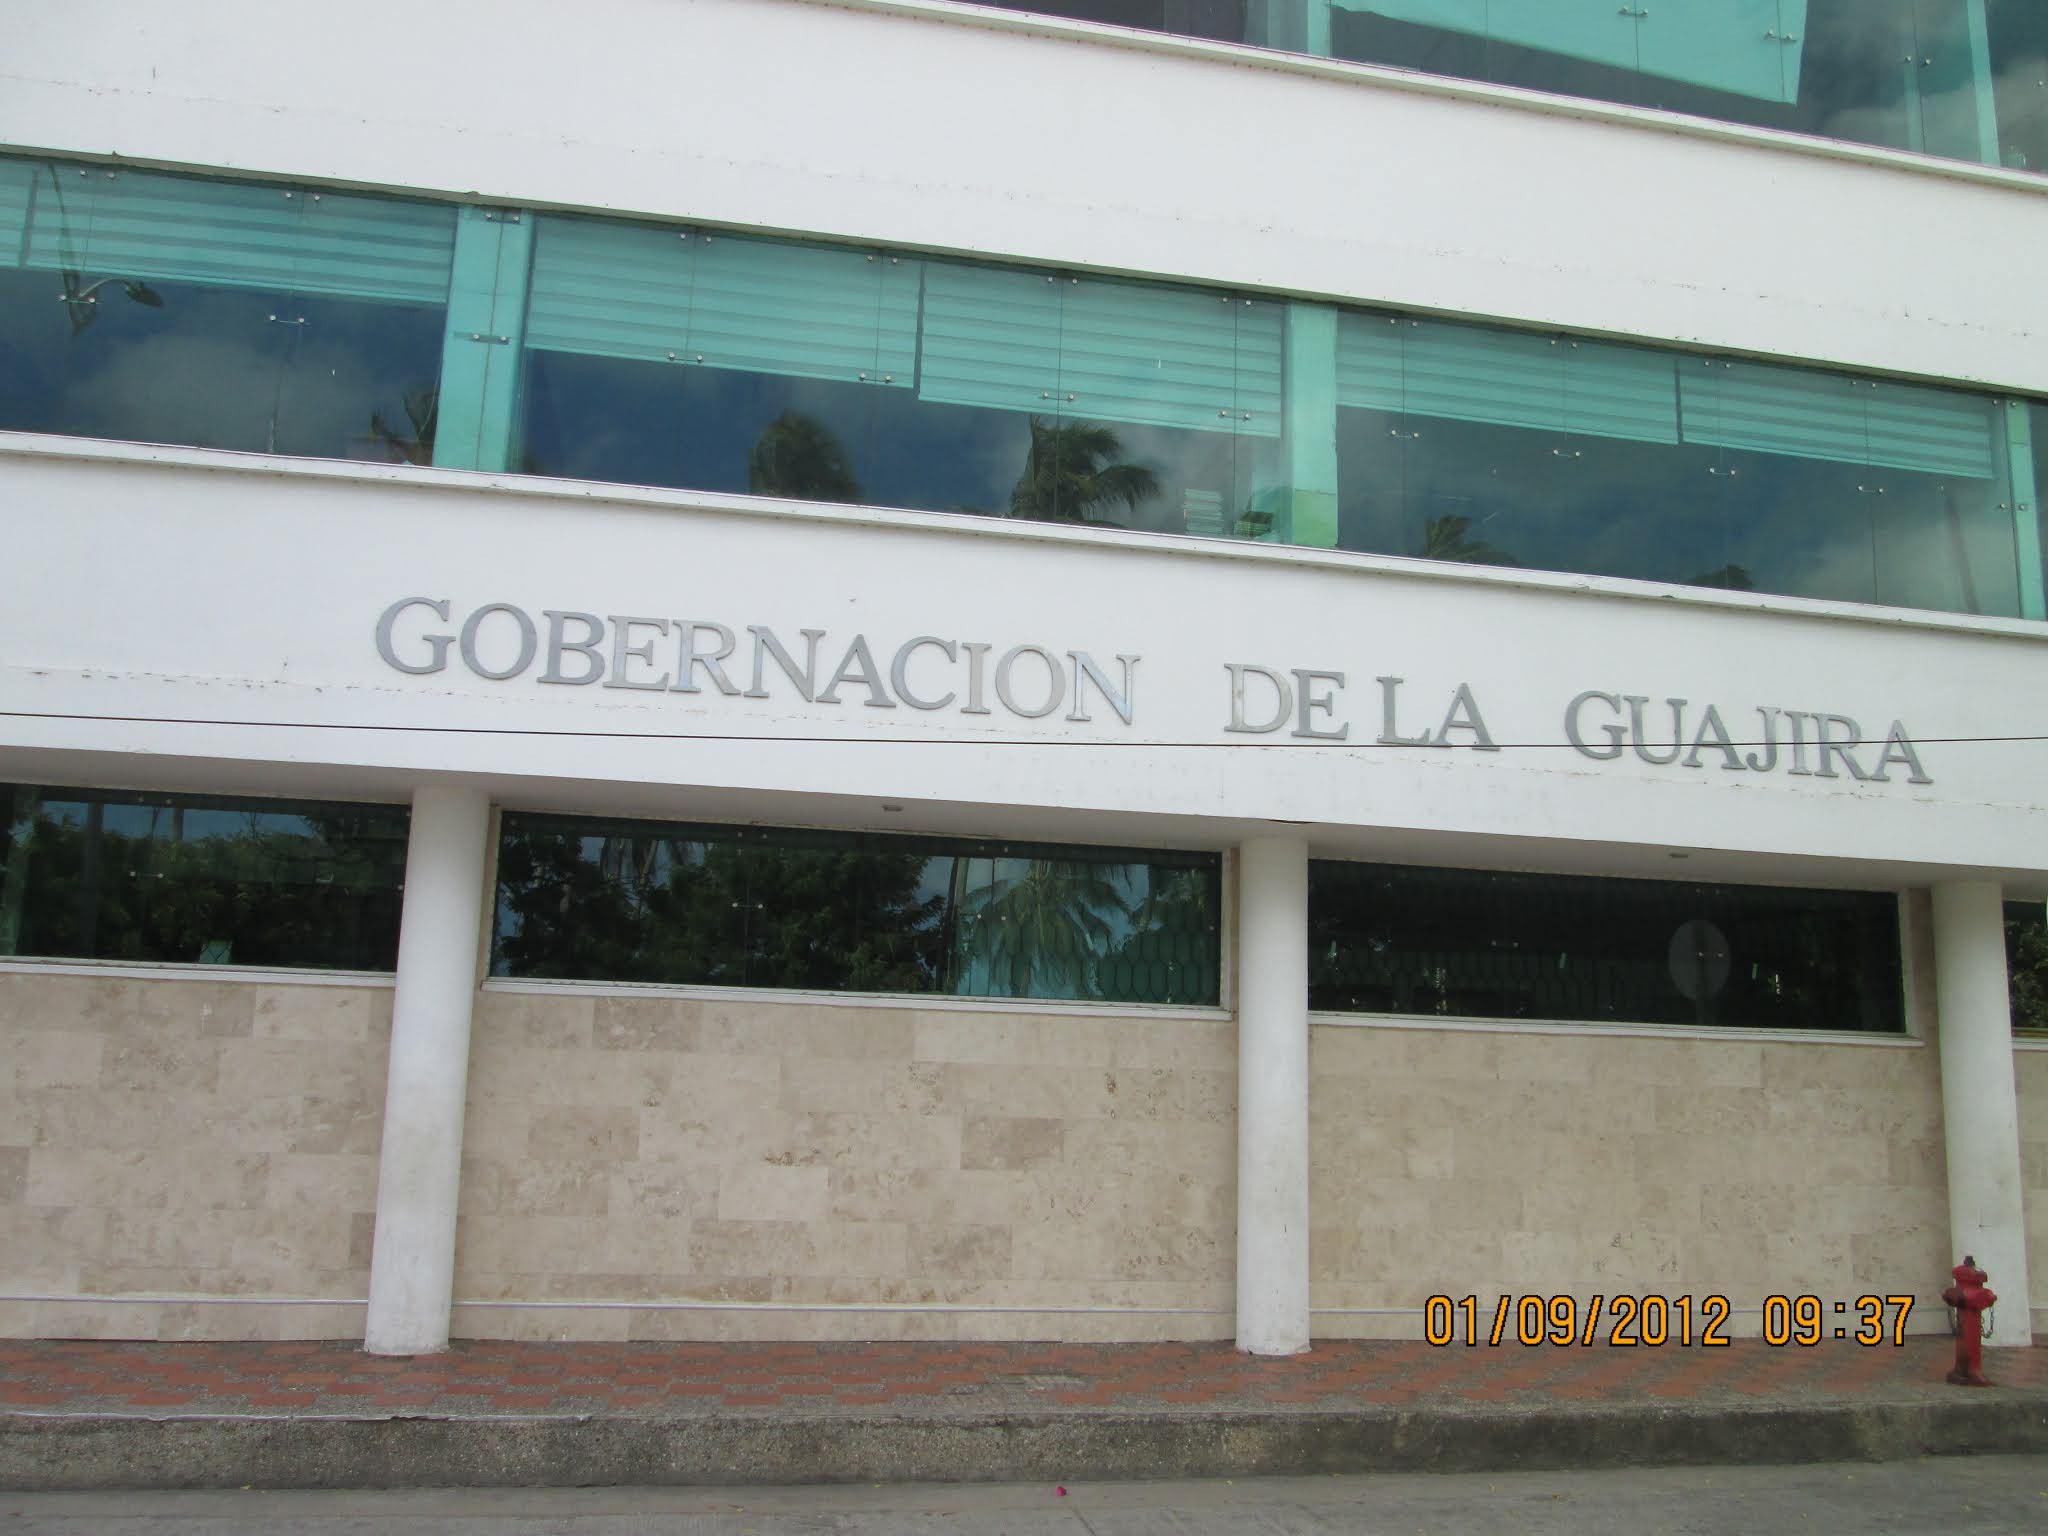 https://www.notasrosas.com/Gobernación De La Guajira se pronuncia sobre caída de una estructura metálica, en la Calle Primera, de Riohacha